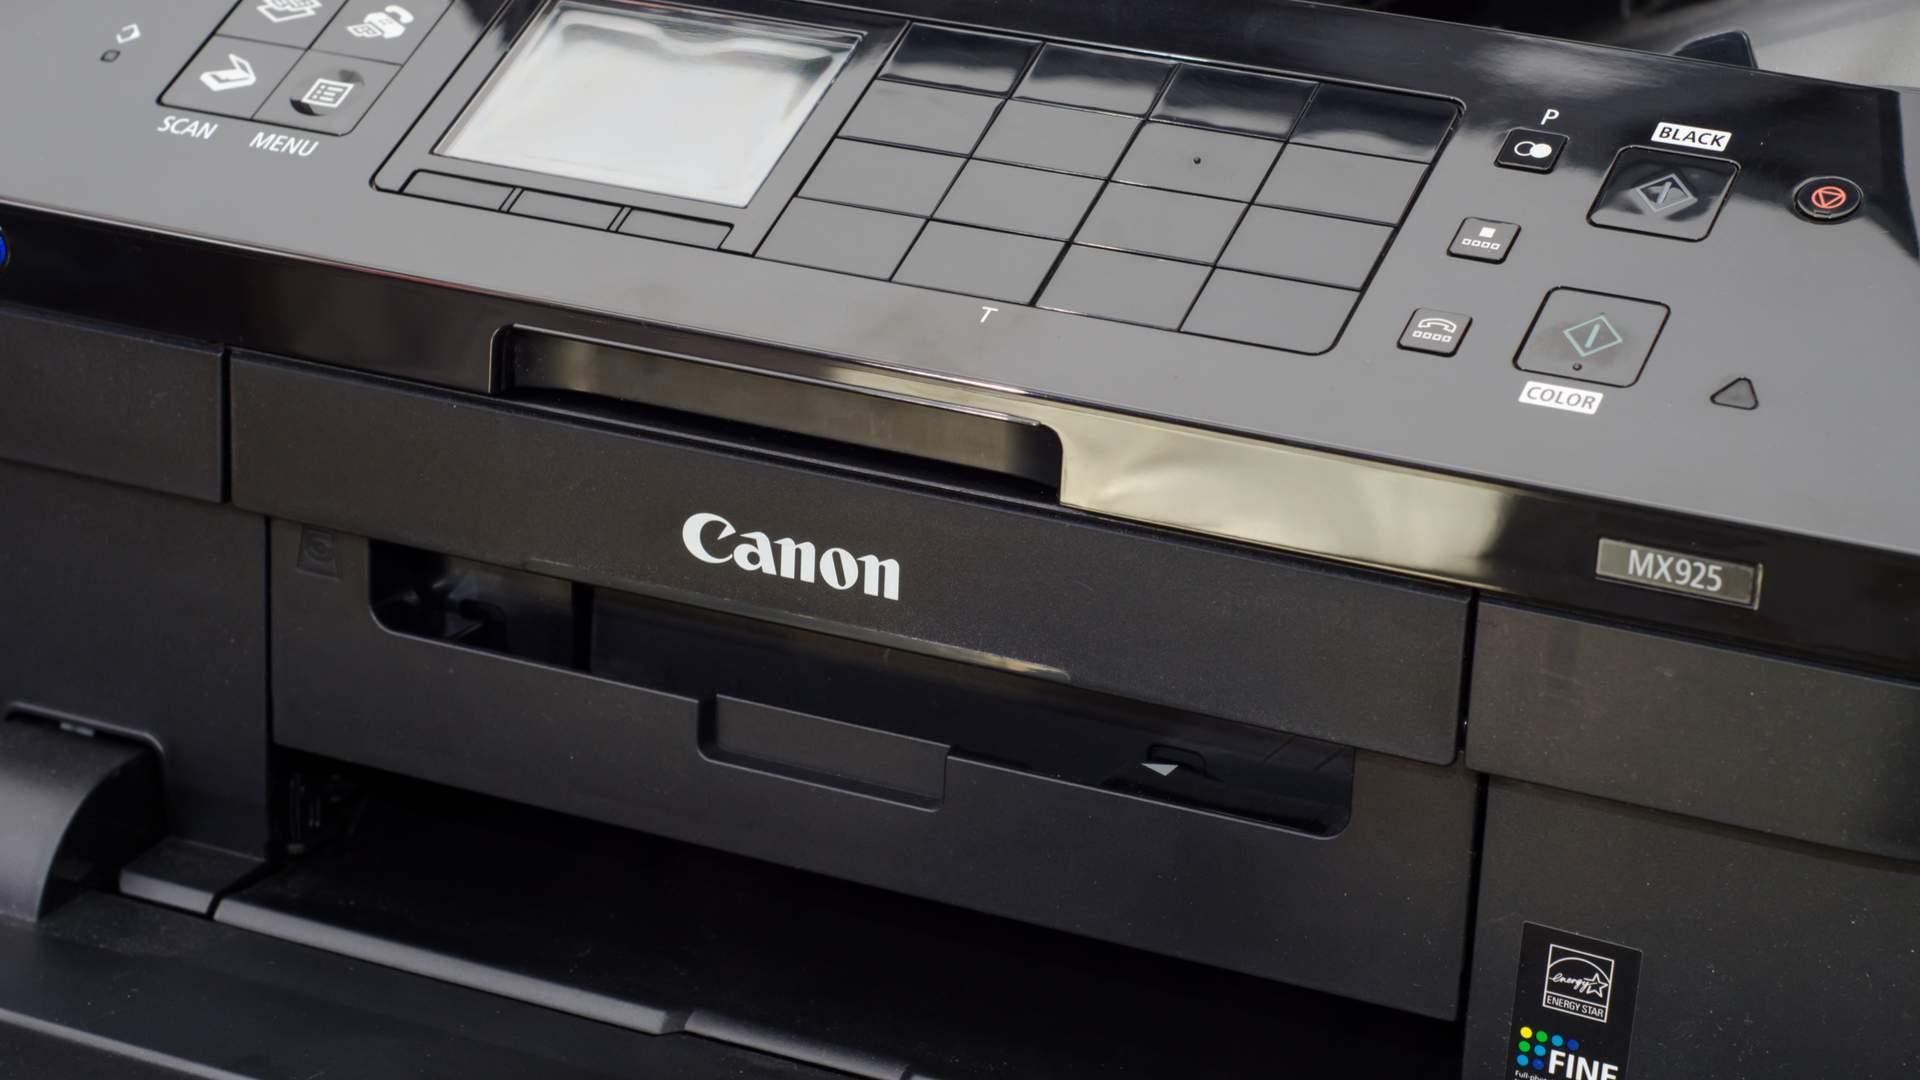 A impressora Canon é uma das mais bem avaliadas do mercado (Fonte: Shutterstock)